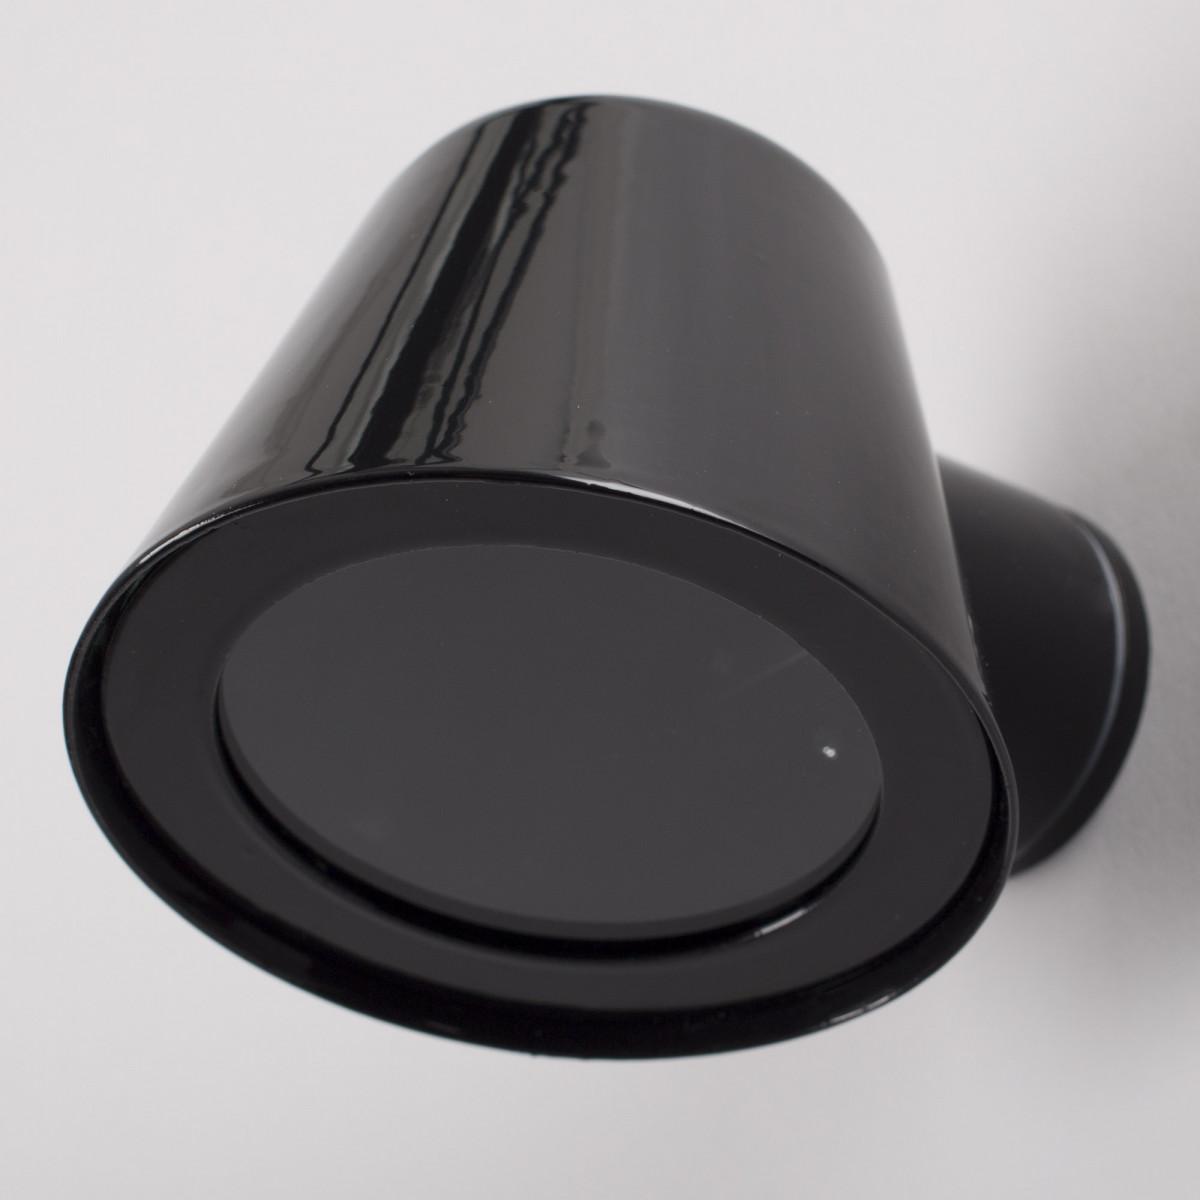 Muurspot Vita Cup Zwart